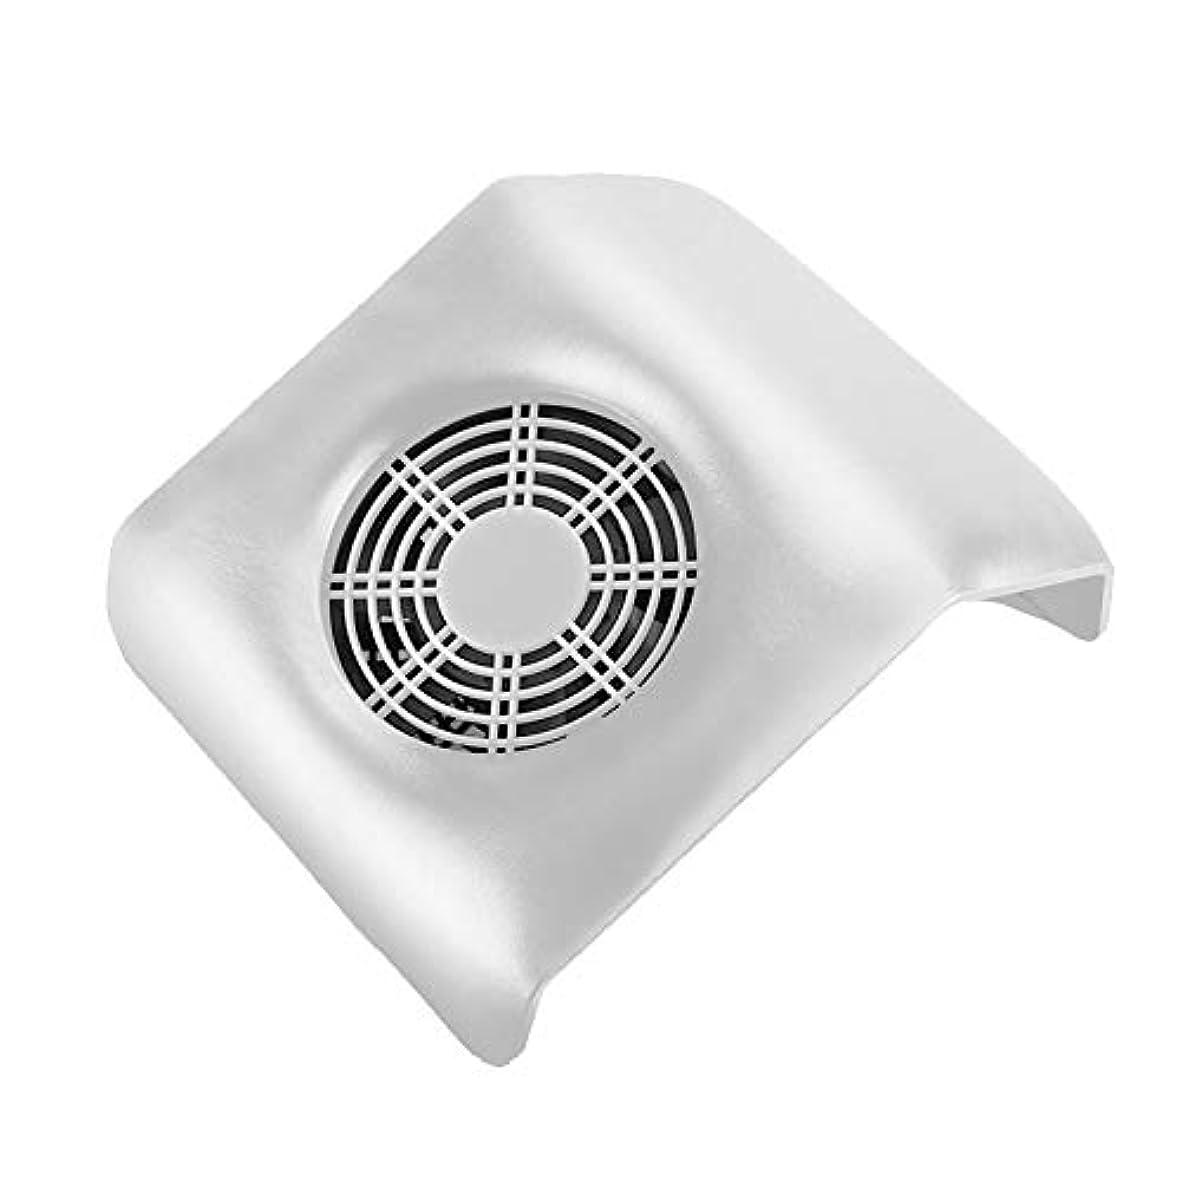 虚偽風景コーラスネイル 集塵機 ネイルアート掃除機 ネイルマシン ネイルダスト ダストクリーナー ネイル機器 集塵バッグ付き ホワイト